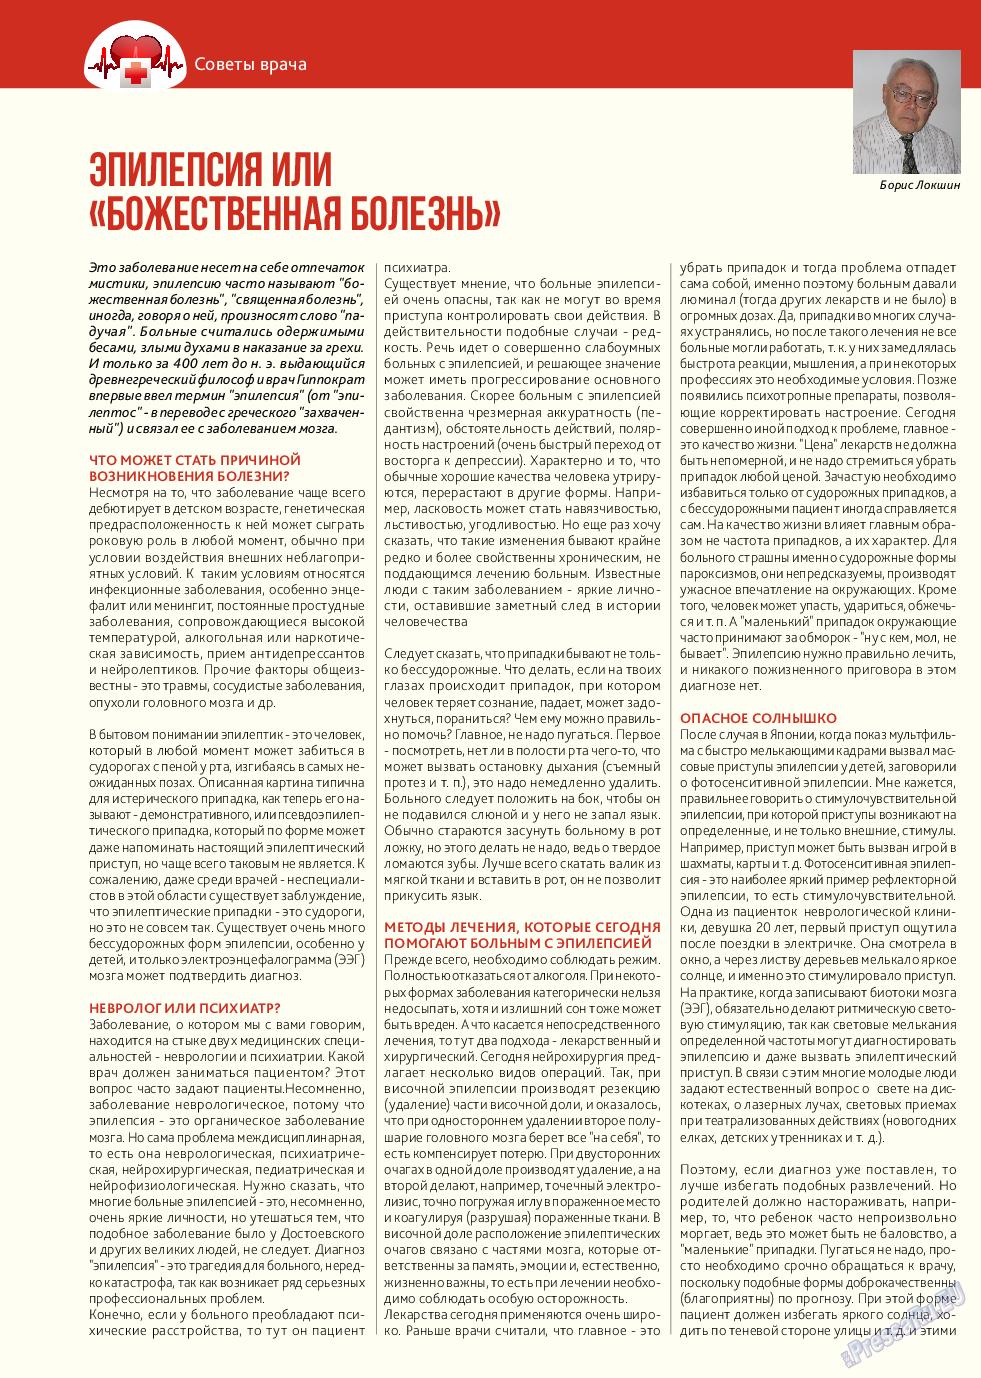 Афиша Augsburg (журнал). 2018 год, номер 7, стр. 8